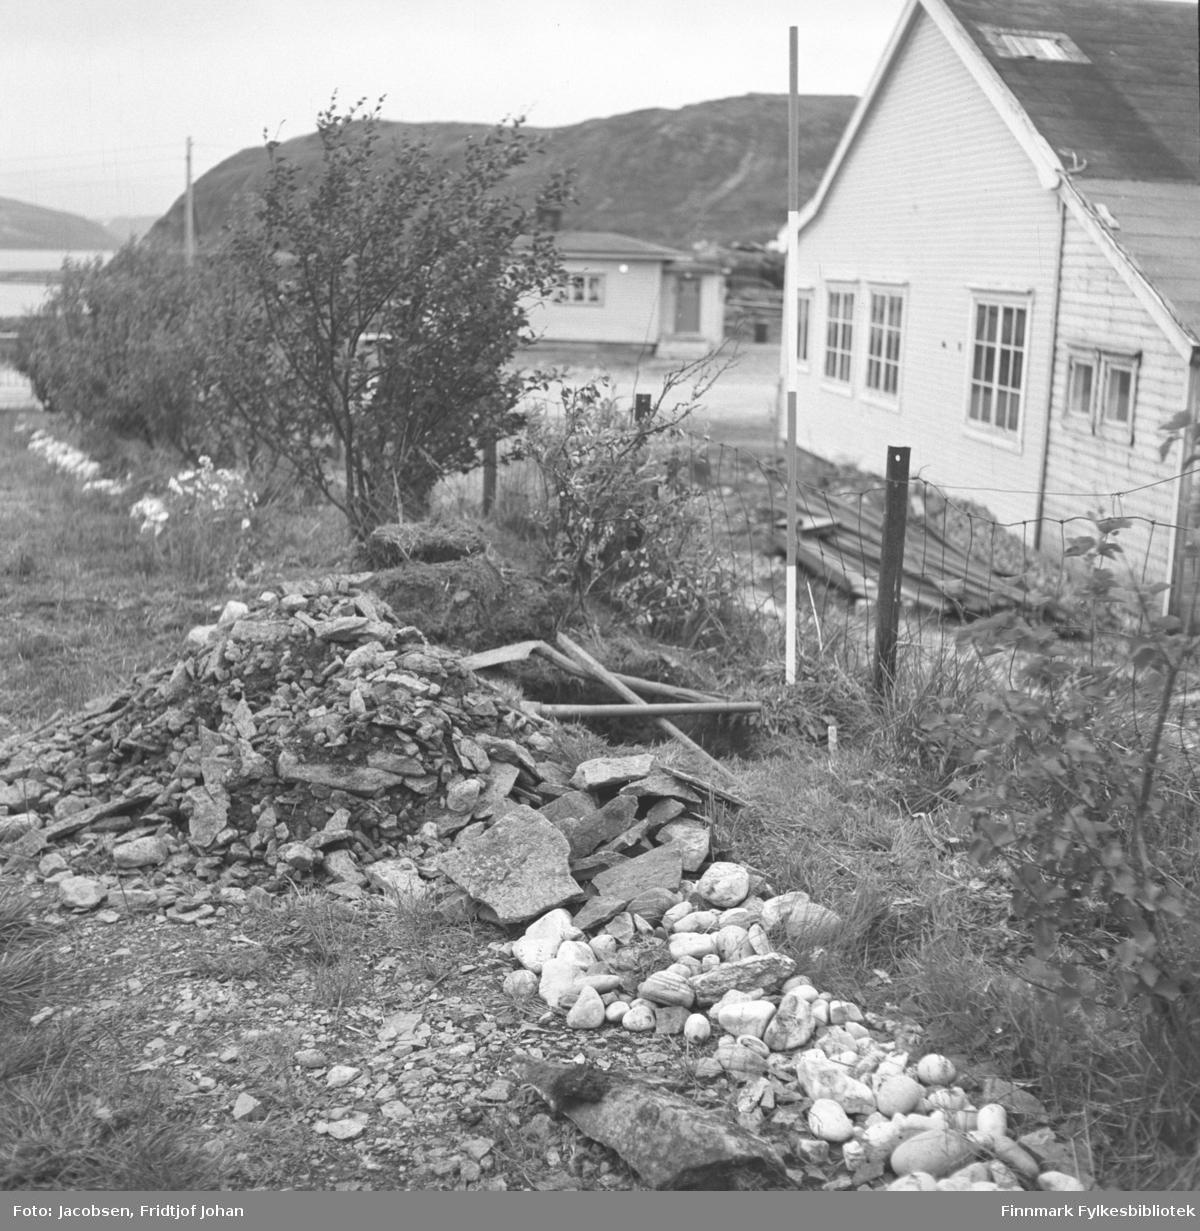 Graving av en vann/koakk-grøft på Arne Nakkens eiendom i Rypefjord. Bygget til høyre på bildet er Statens vegvesens lager. I bakgrunnen ses fjellet Rypefjell.